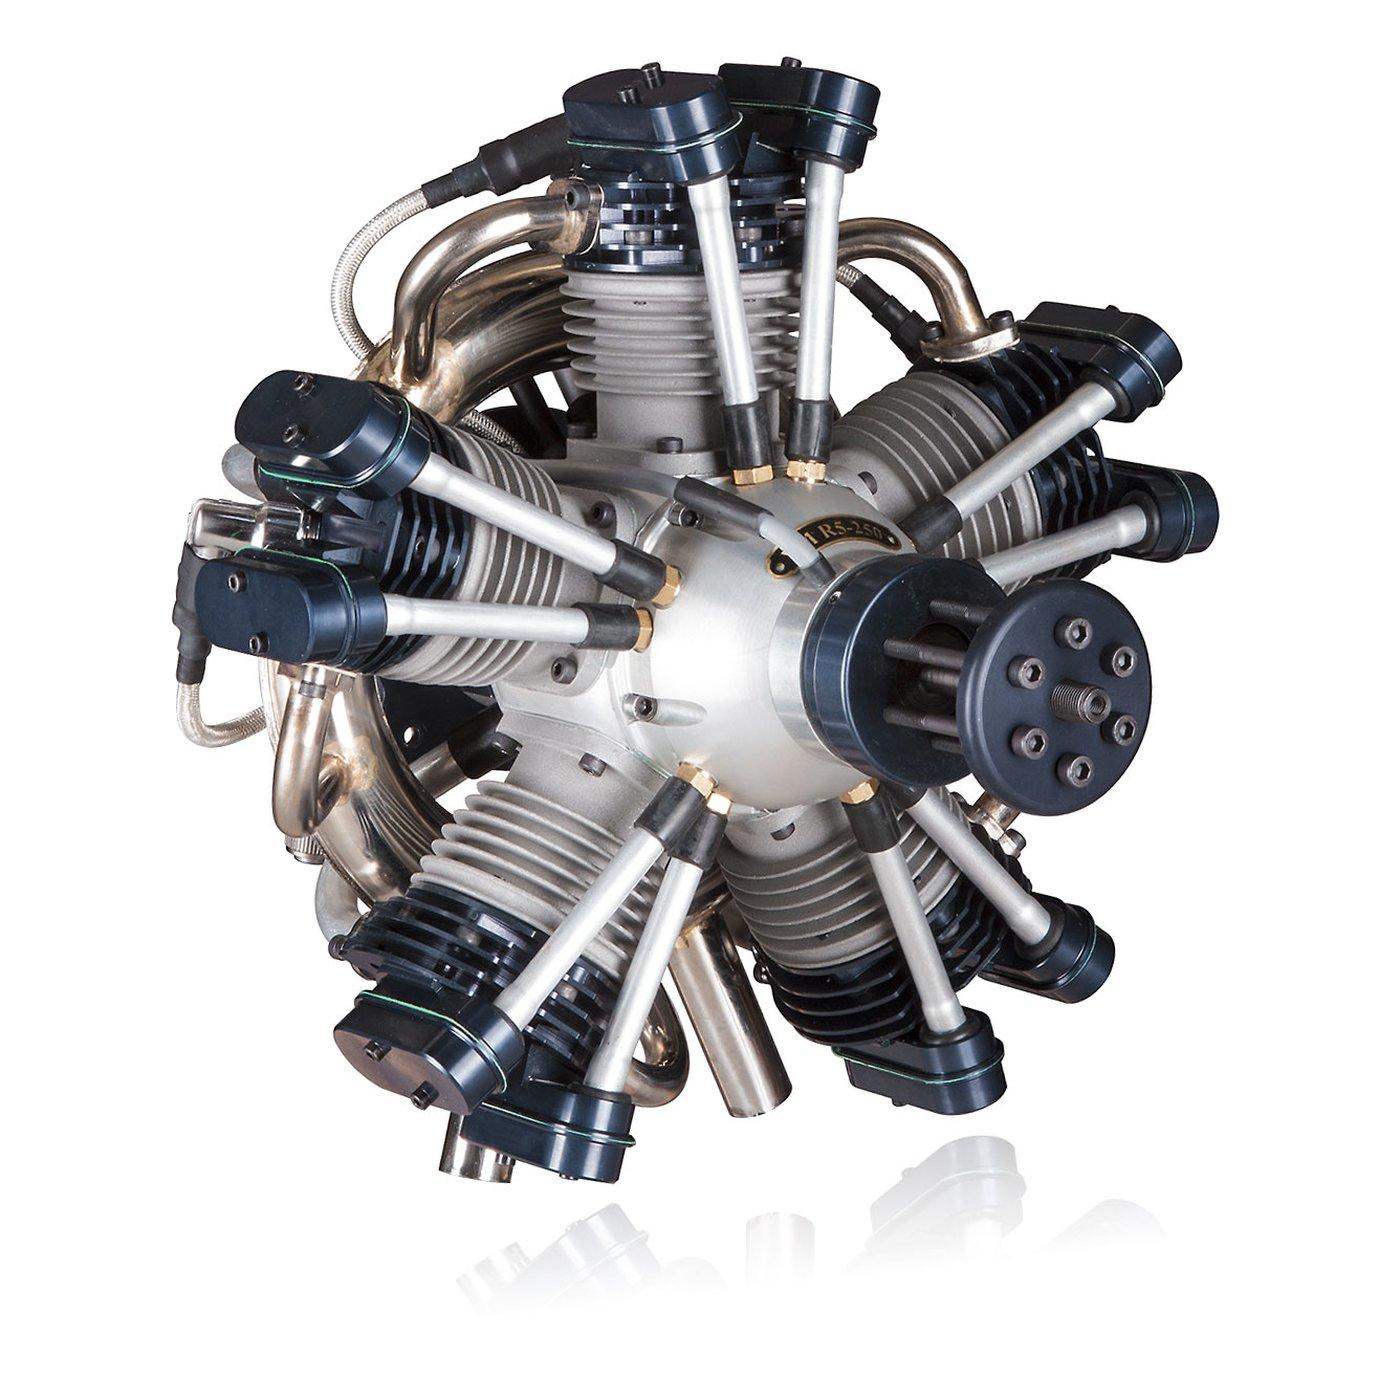 valach-motors-vm-r5-250-sternmotor.jpg